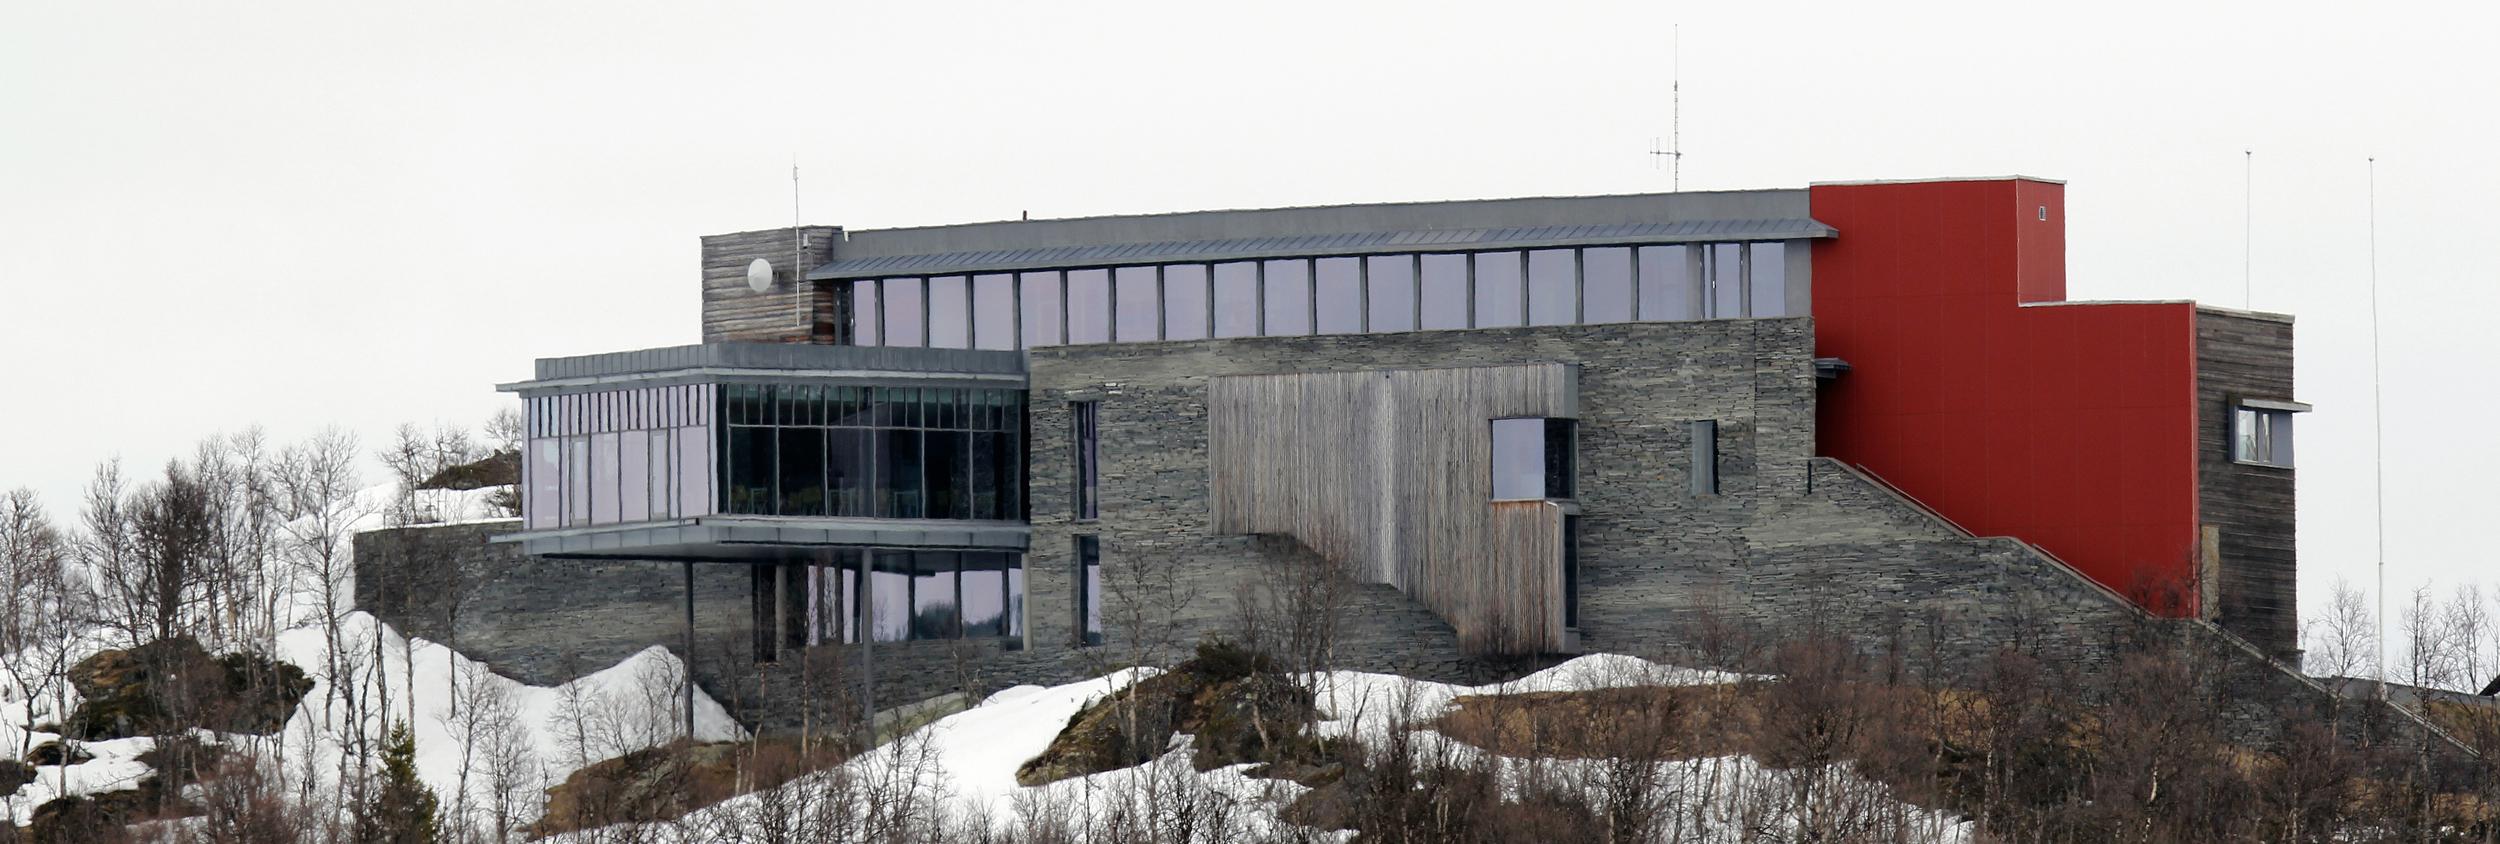 Norsk Villreinsenter Sør/Hardangervidda Nasjonalparksenter. Foto: Anders Mossing